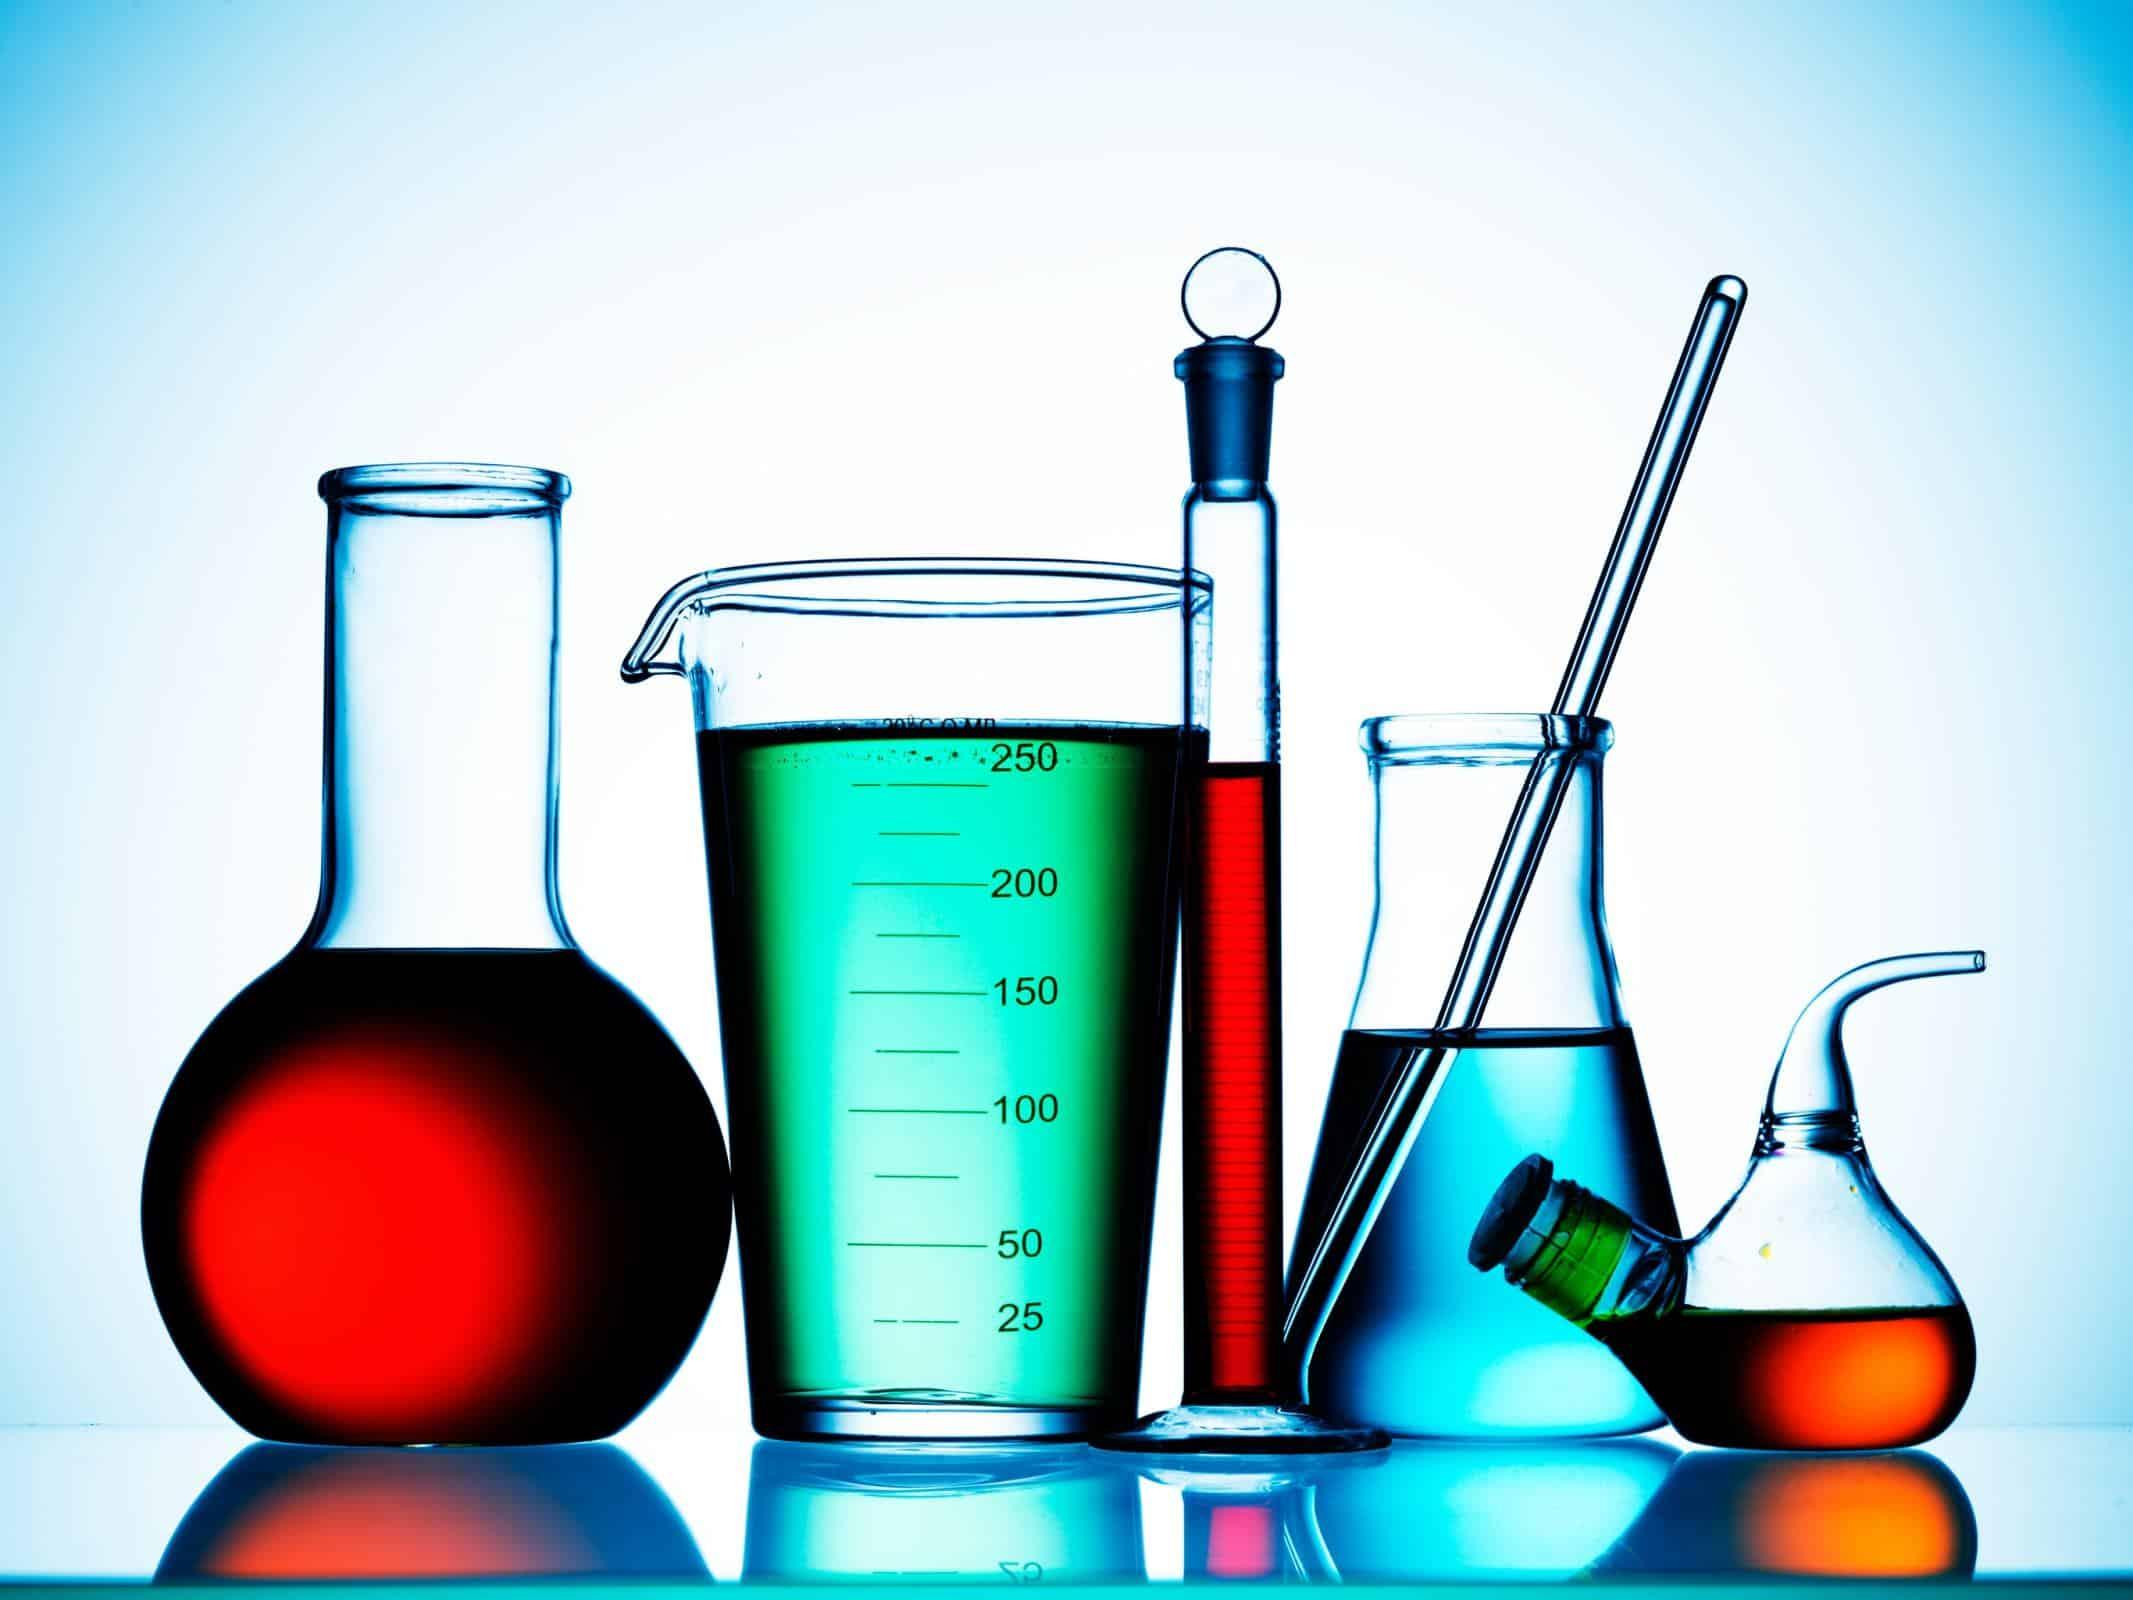 Các Công Thức Hóa Học Lớp 10 Đầy Đủ Nhất